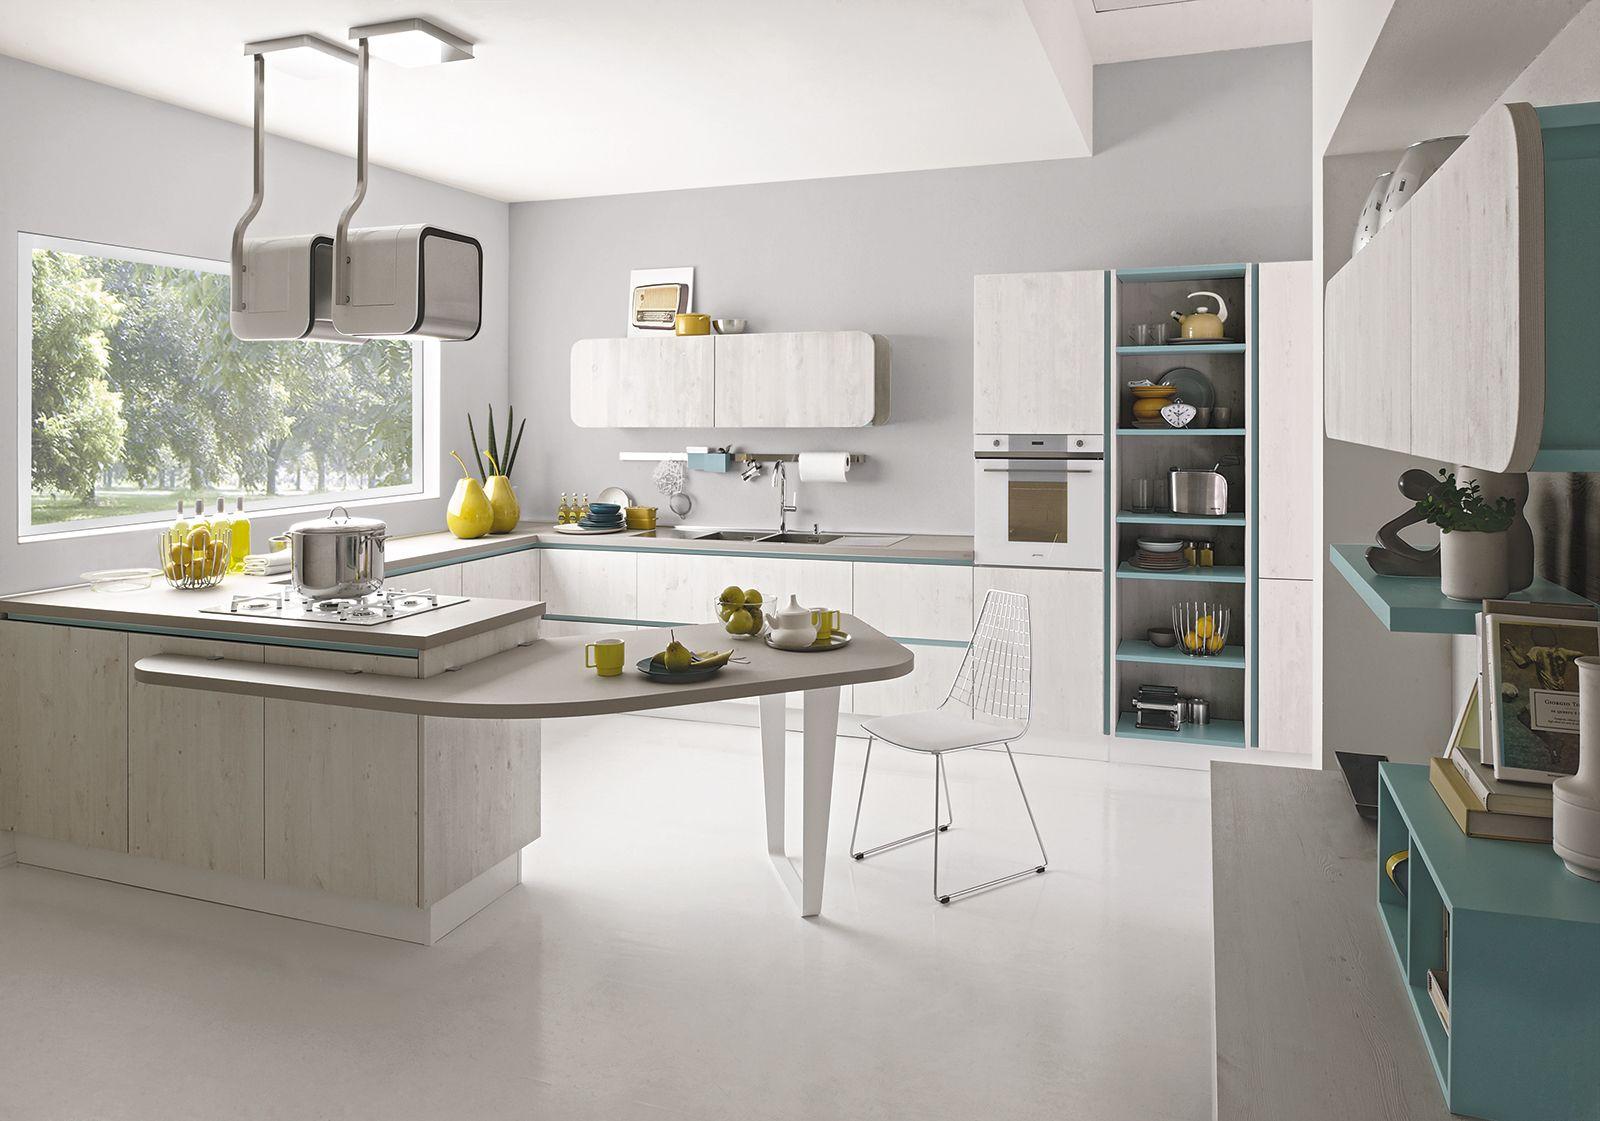 Arredare la cucina tavolo compreso cosedicasa for Arredare la cucina